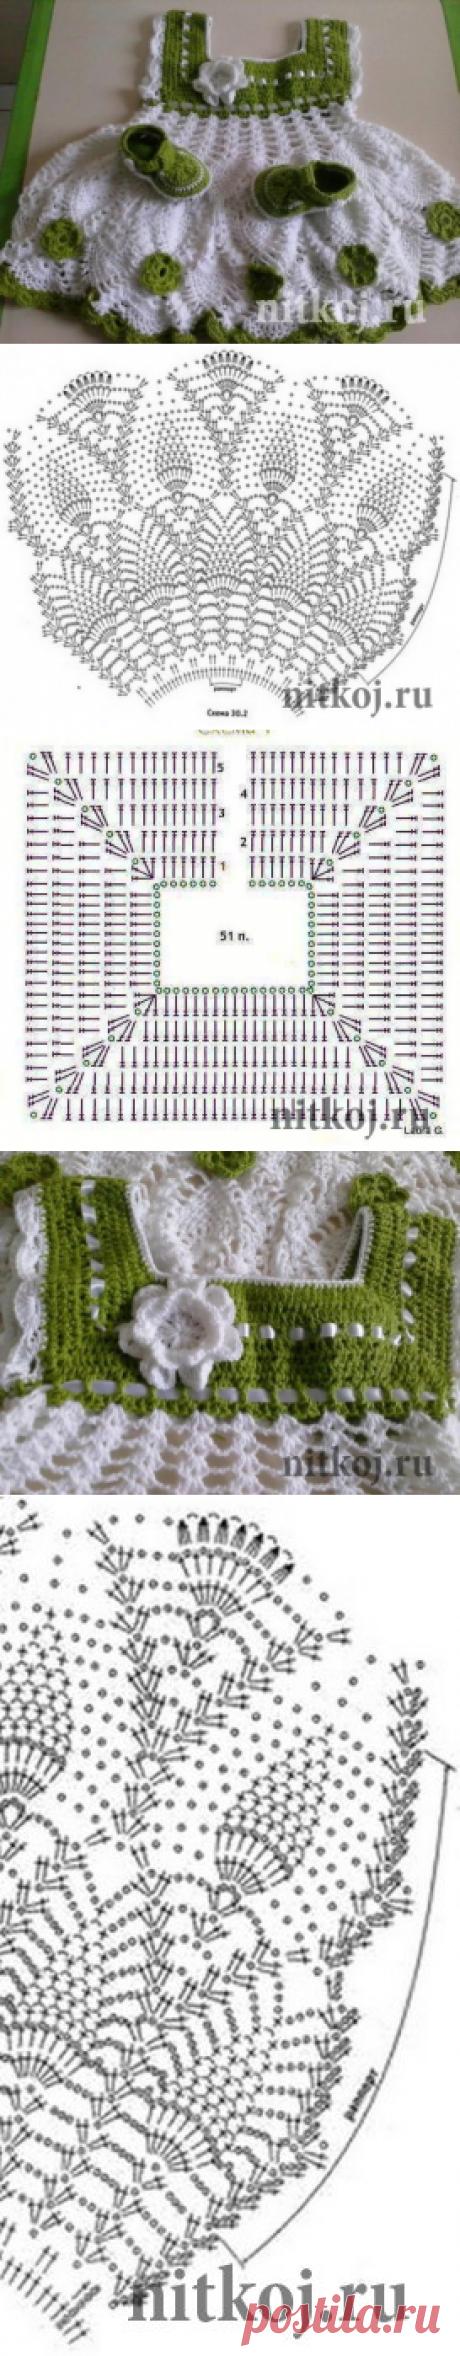 Красивое детское платье крючком » Ниткой - вязаные вещи для вашего дома, вязание крючком, вязание спицами, схемы вязания